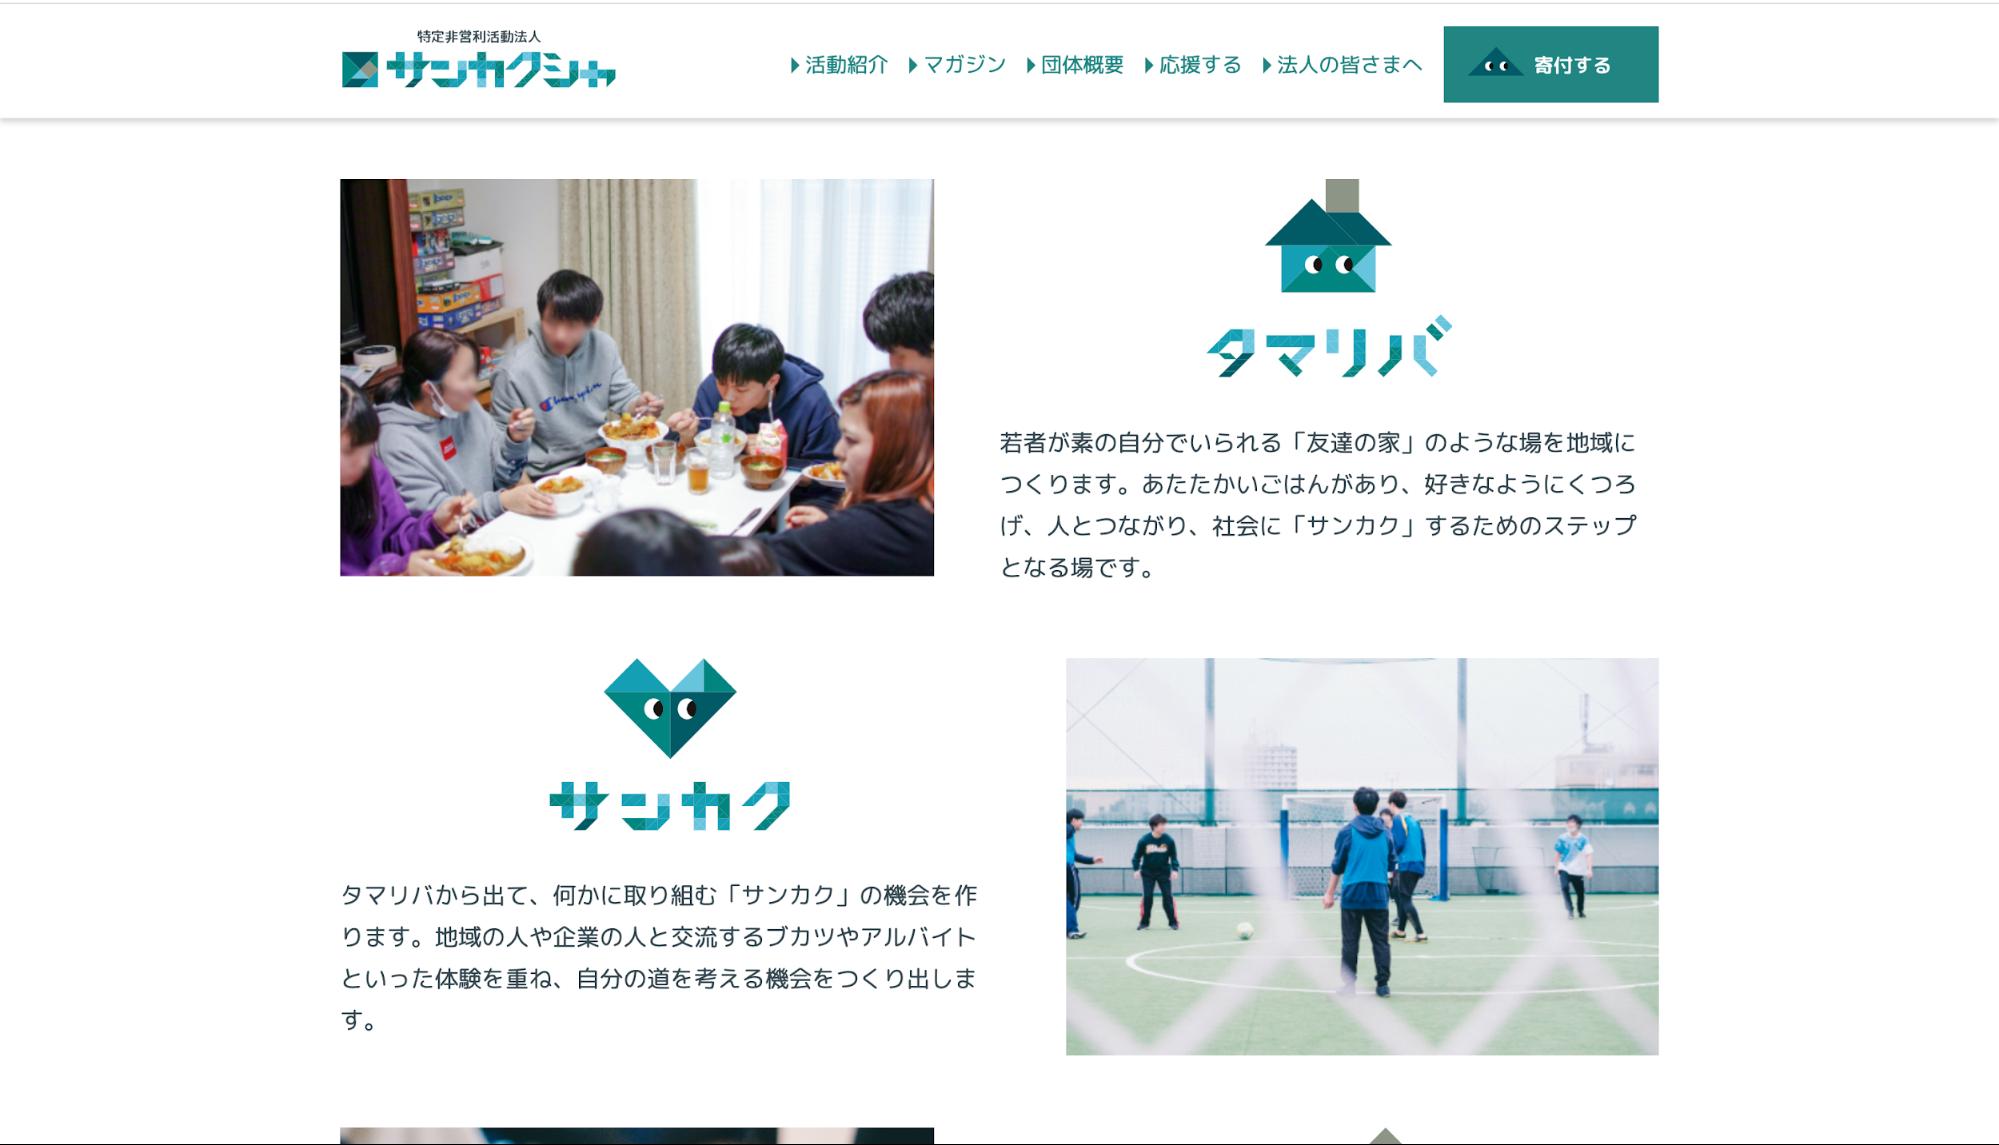 「サンカクシャ」のウェブサイト。ゲームのようなポップなデザインになっている。